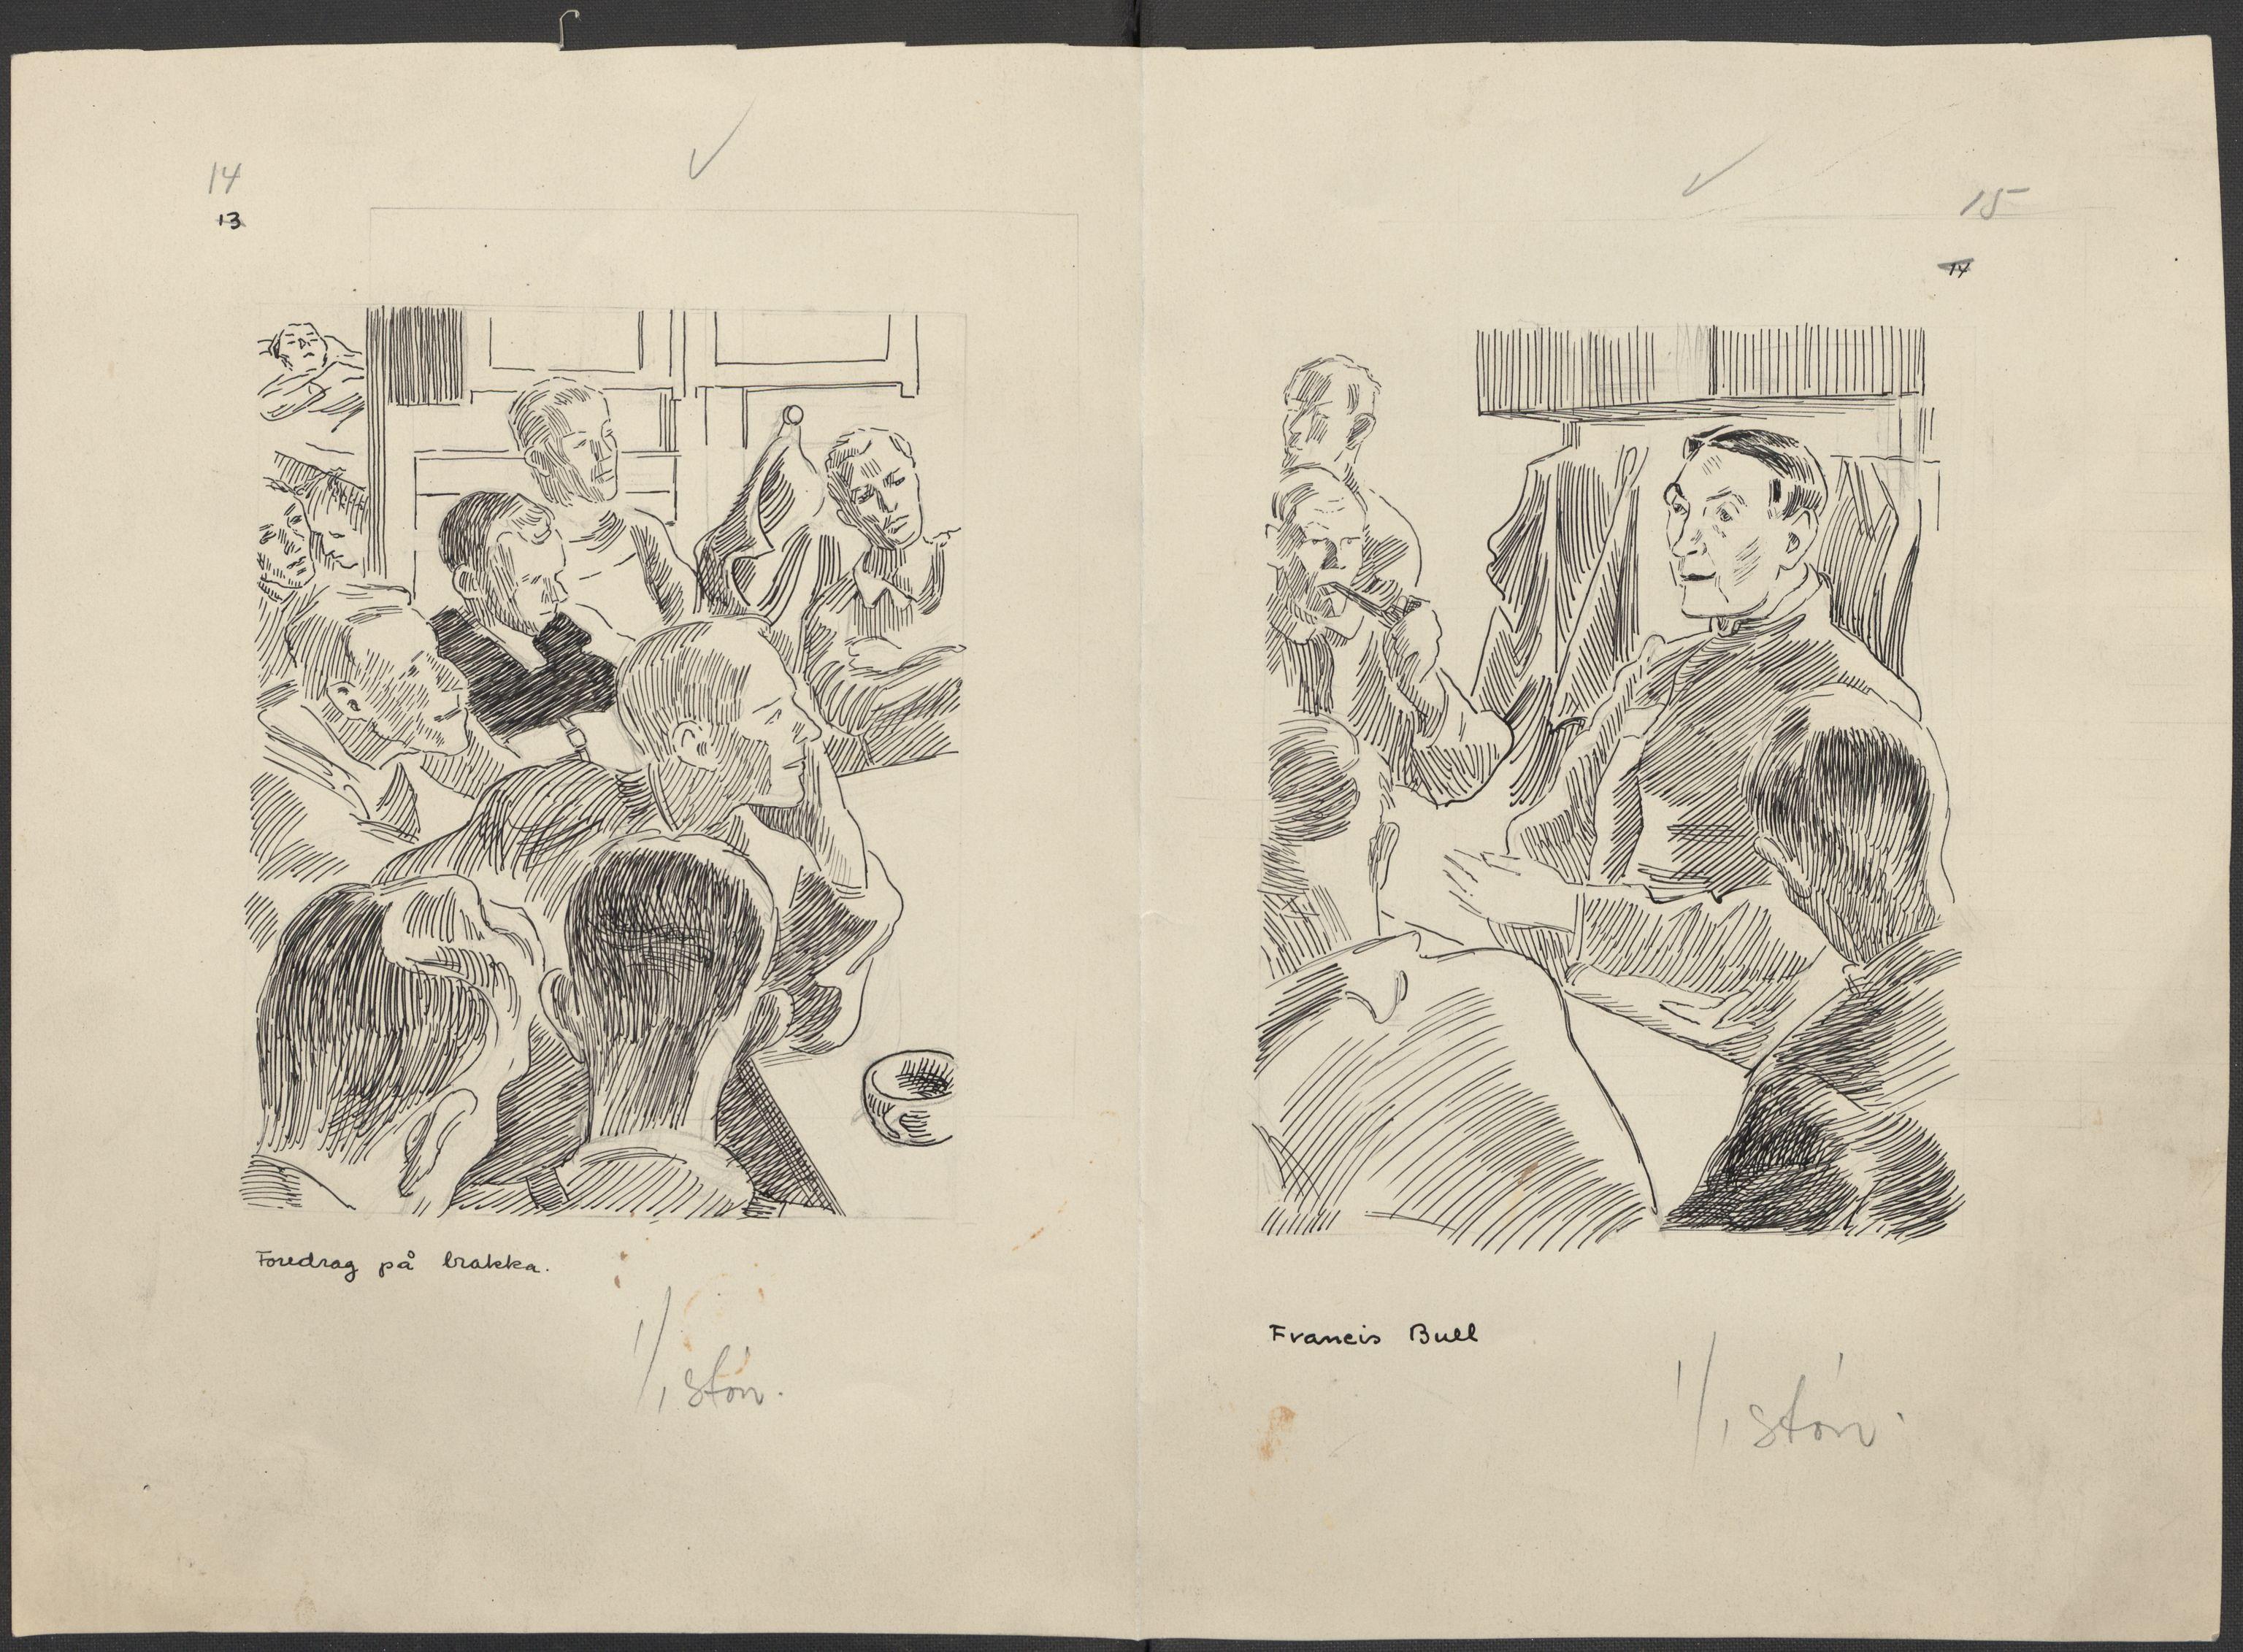 RA, Grøgaard, Joachim, F/L0002: Tegninger og tekster, 1942-1945, s. 102